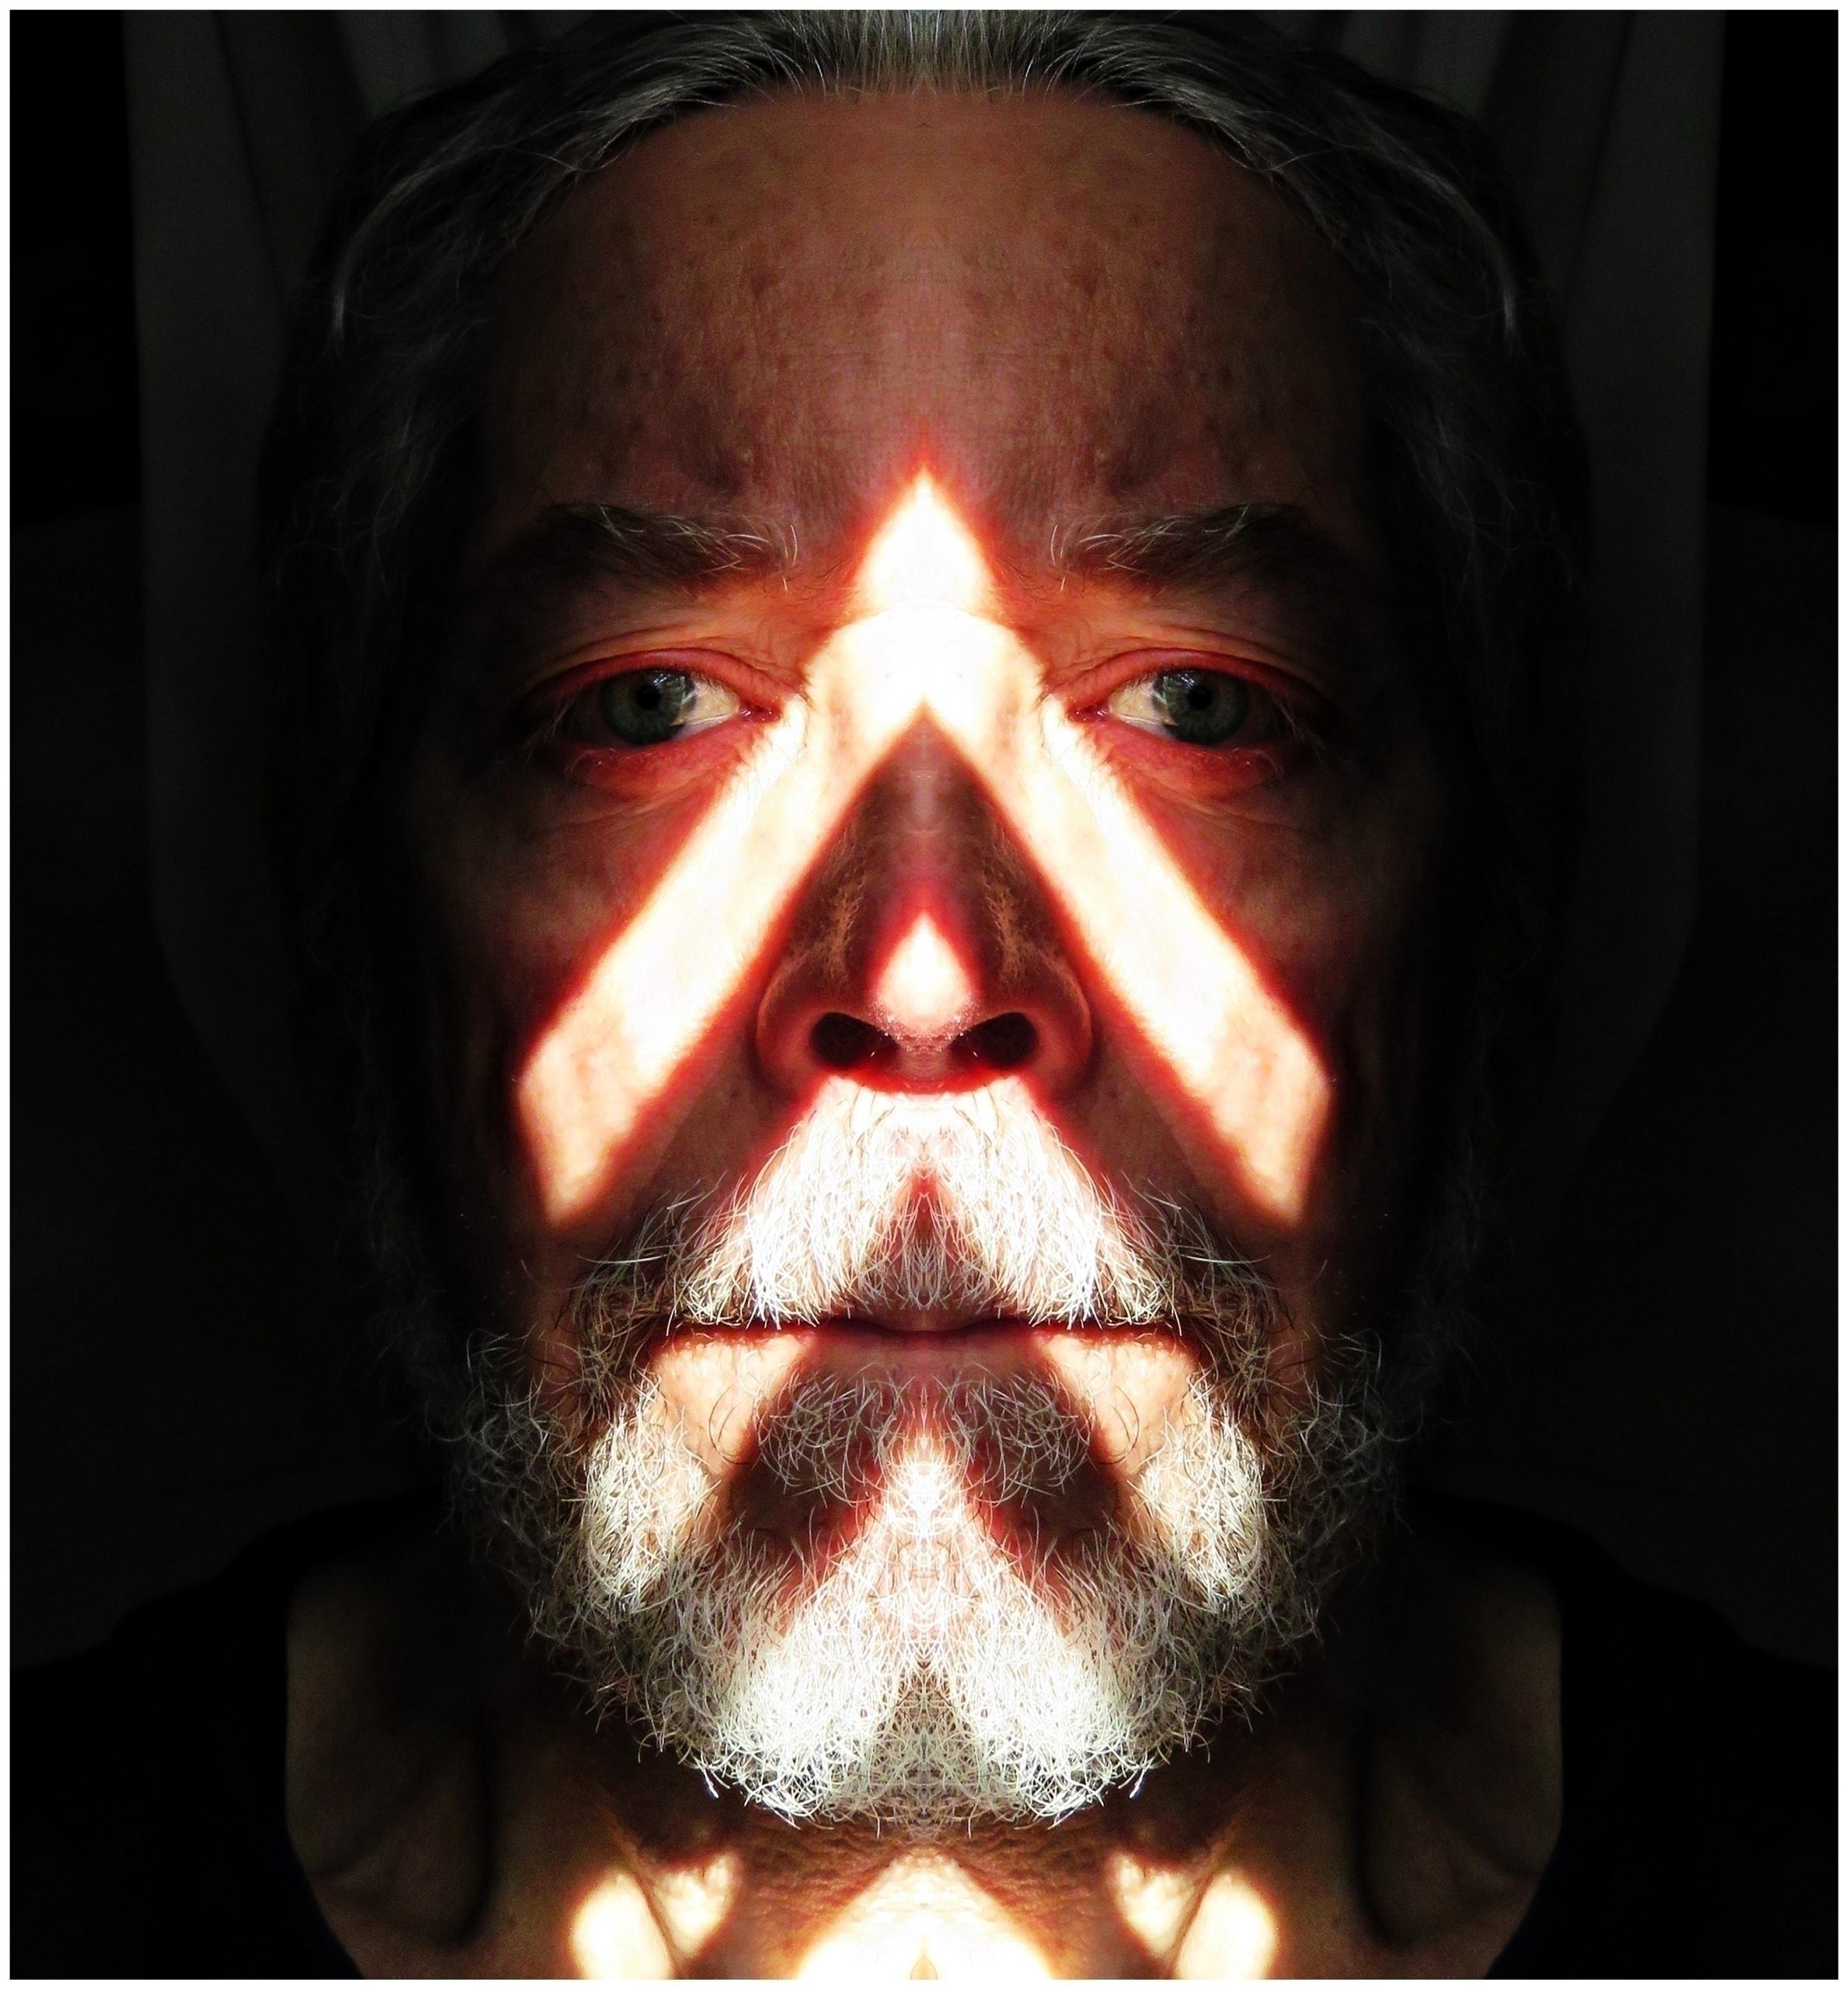 Mirror image 1 - photography - kenlong | ello